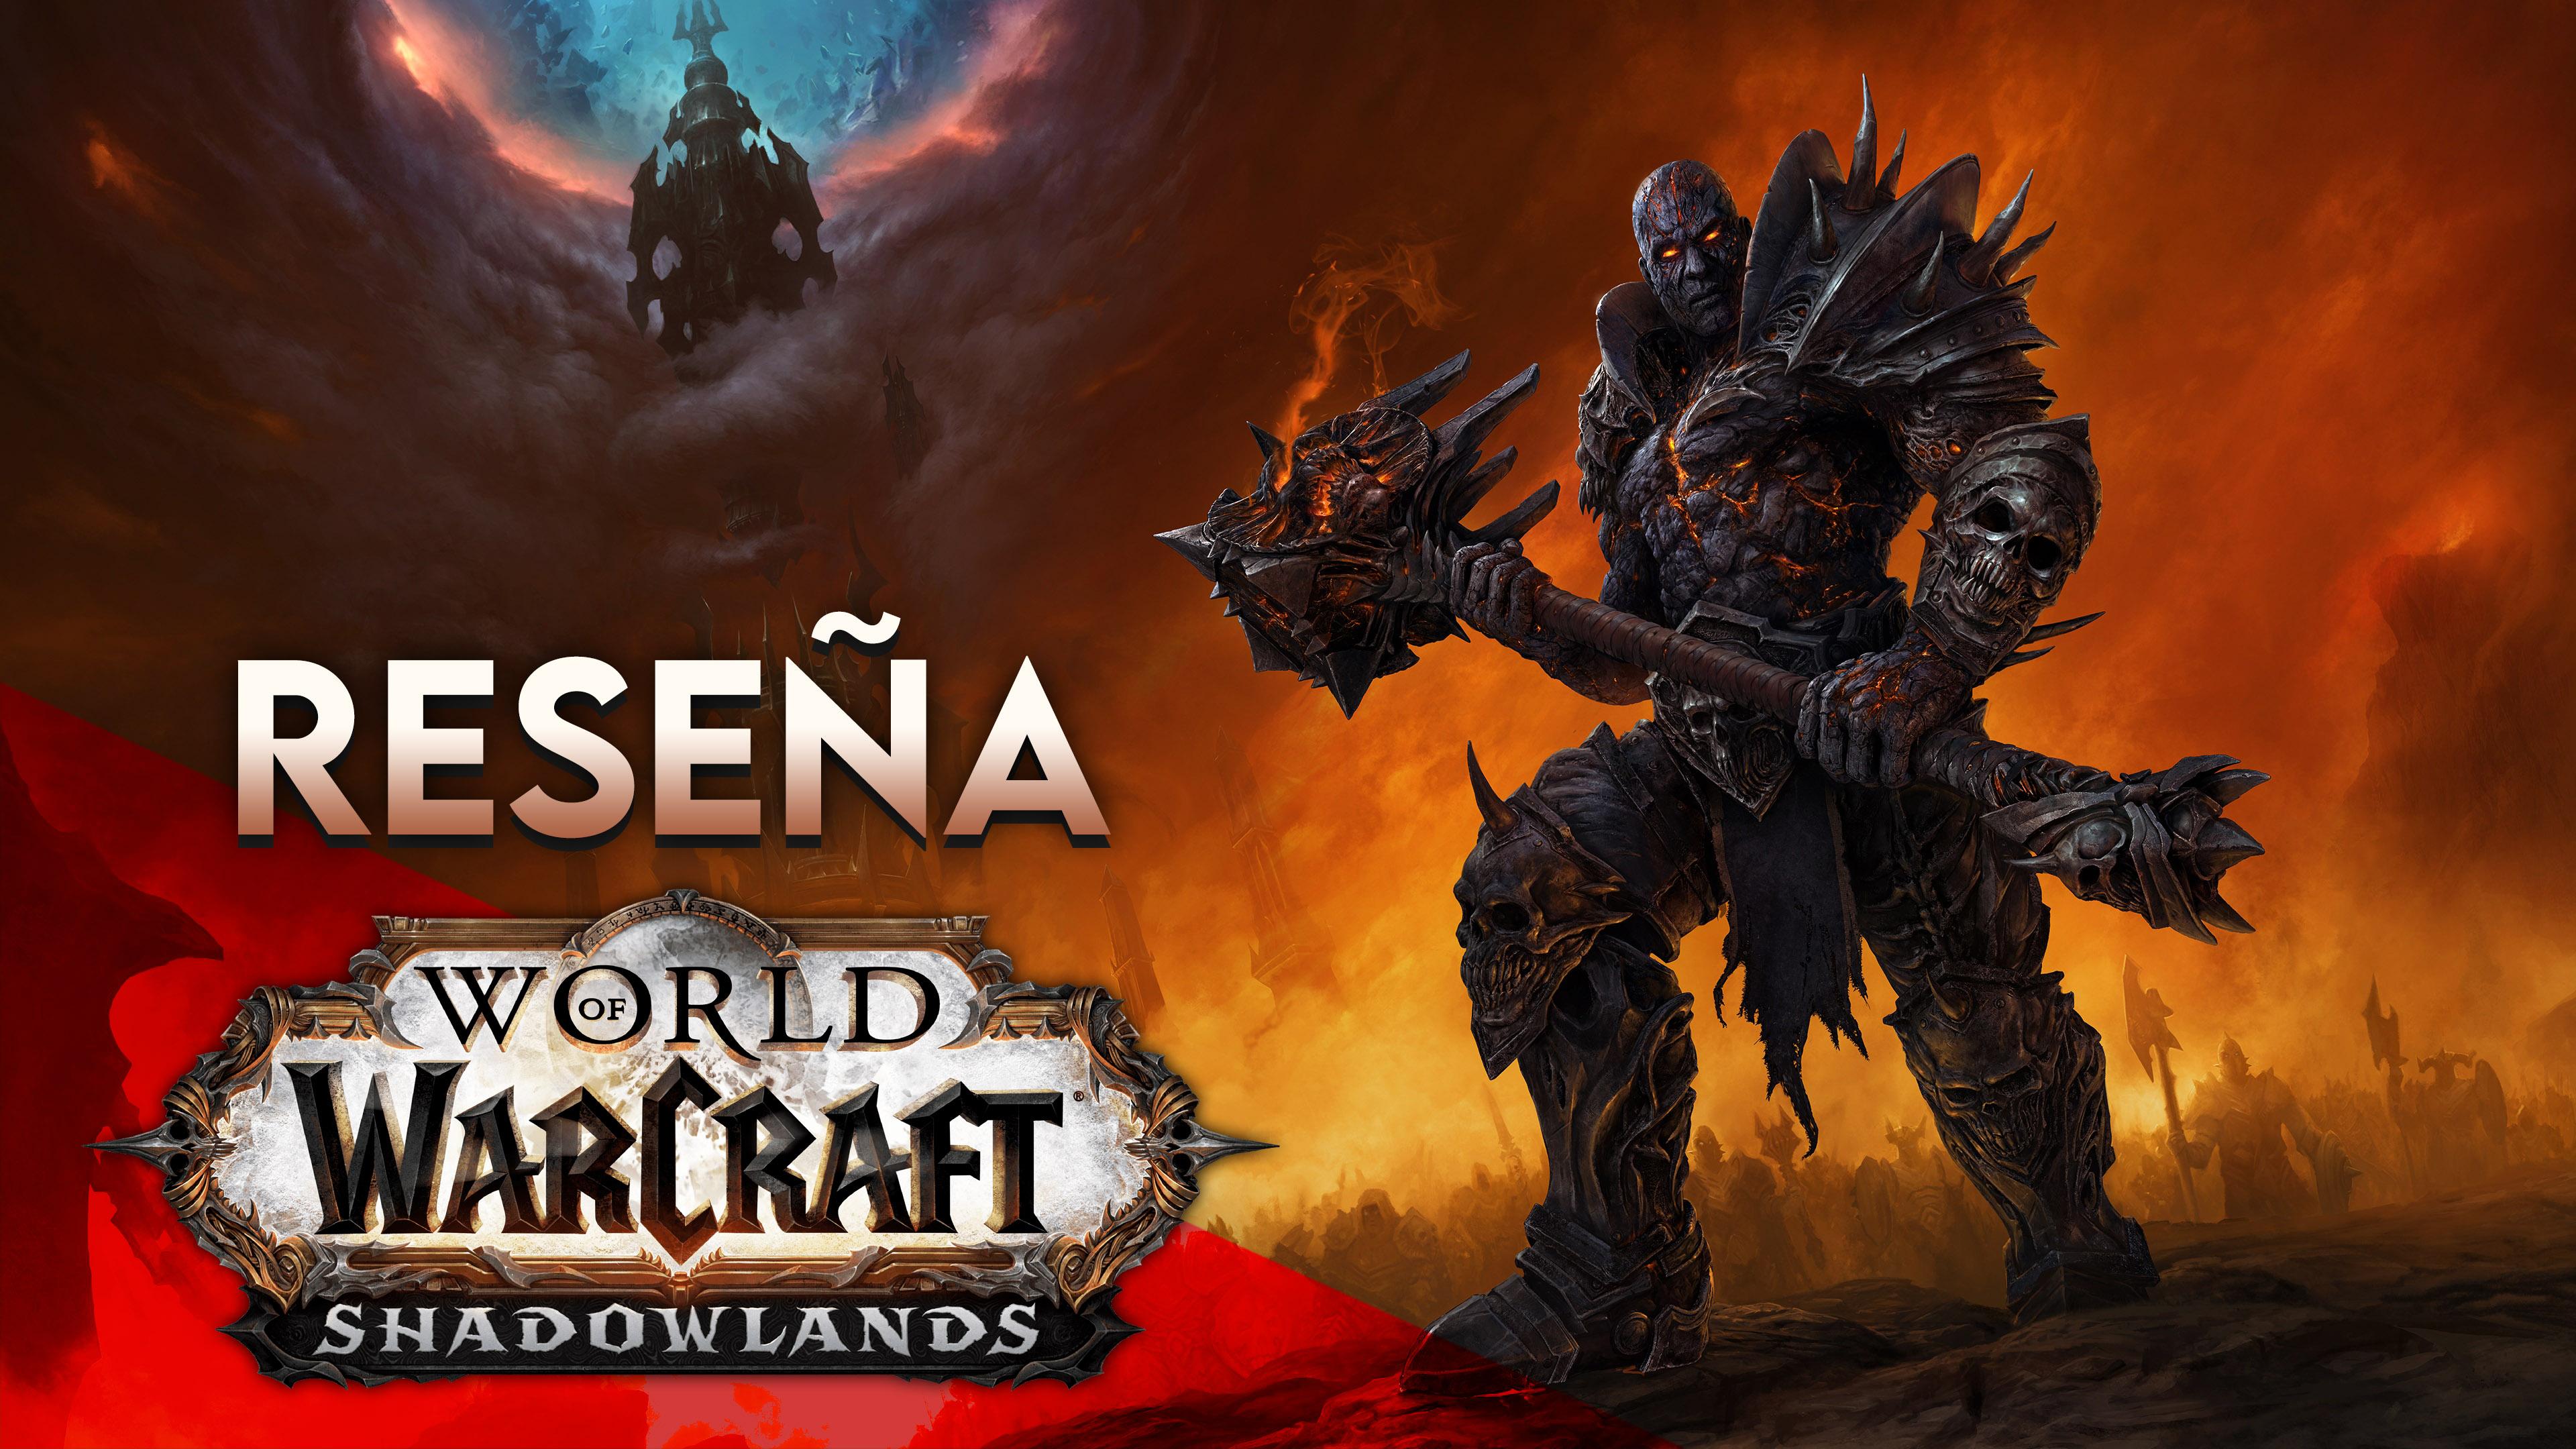 Reseña World of Warcraft: Shadowlands – Más allá del bien y del mal